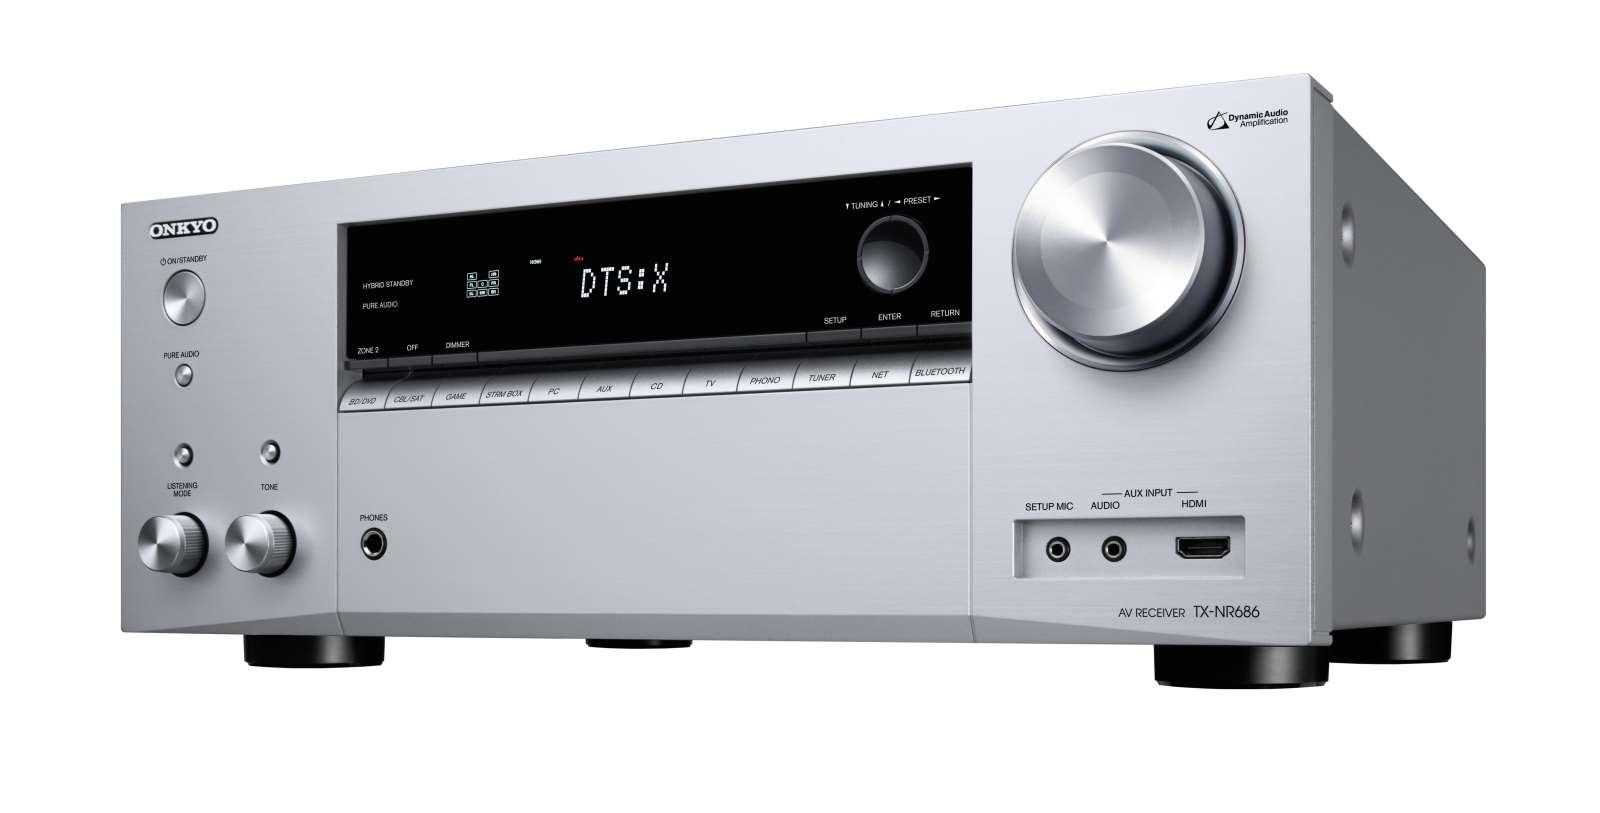 Galerie - Onkyo TX-NR686: nový, dobře vybavený 7.2 kanálový AV receiver – AVmania.cz